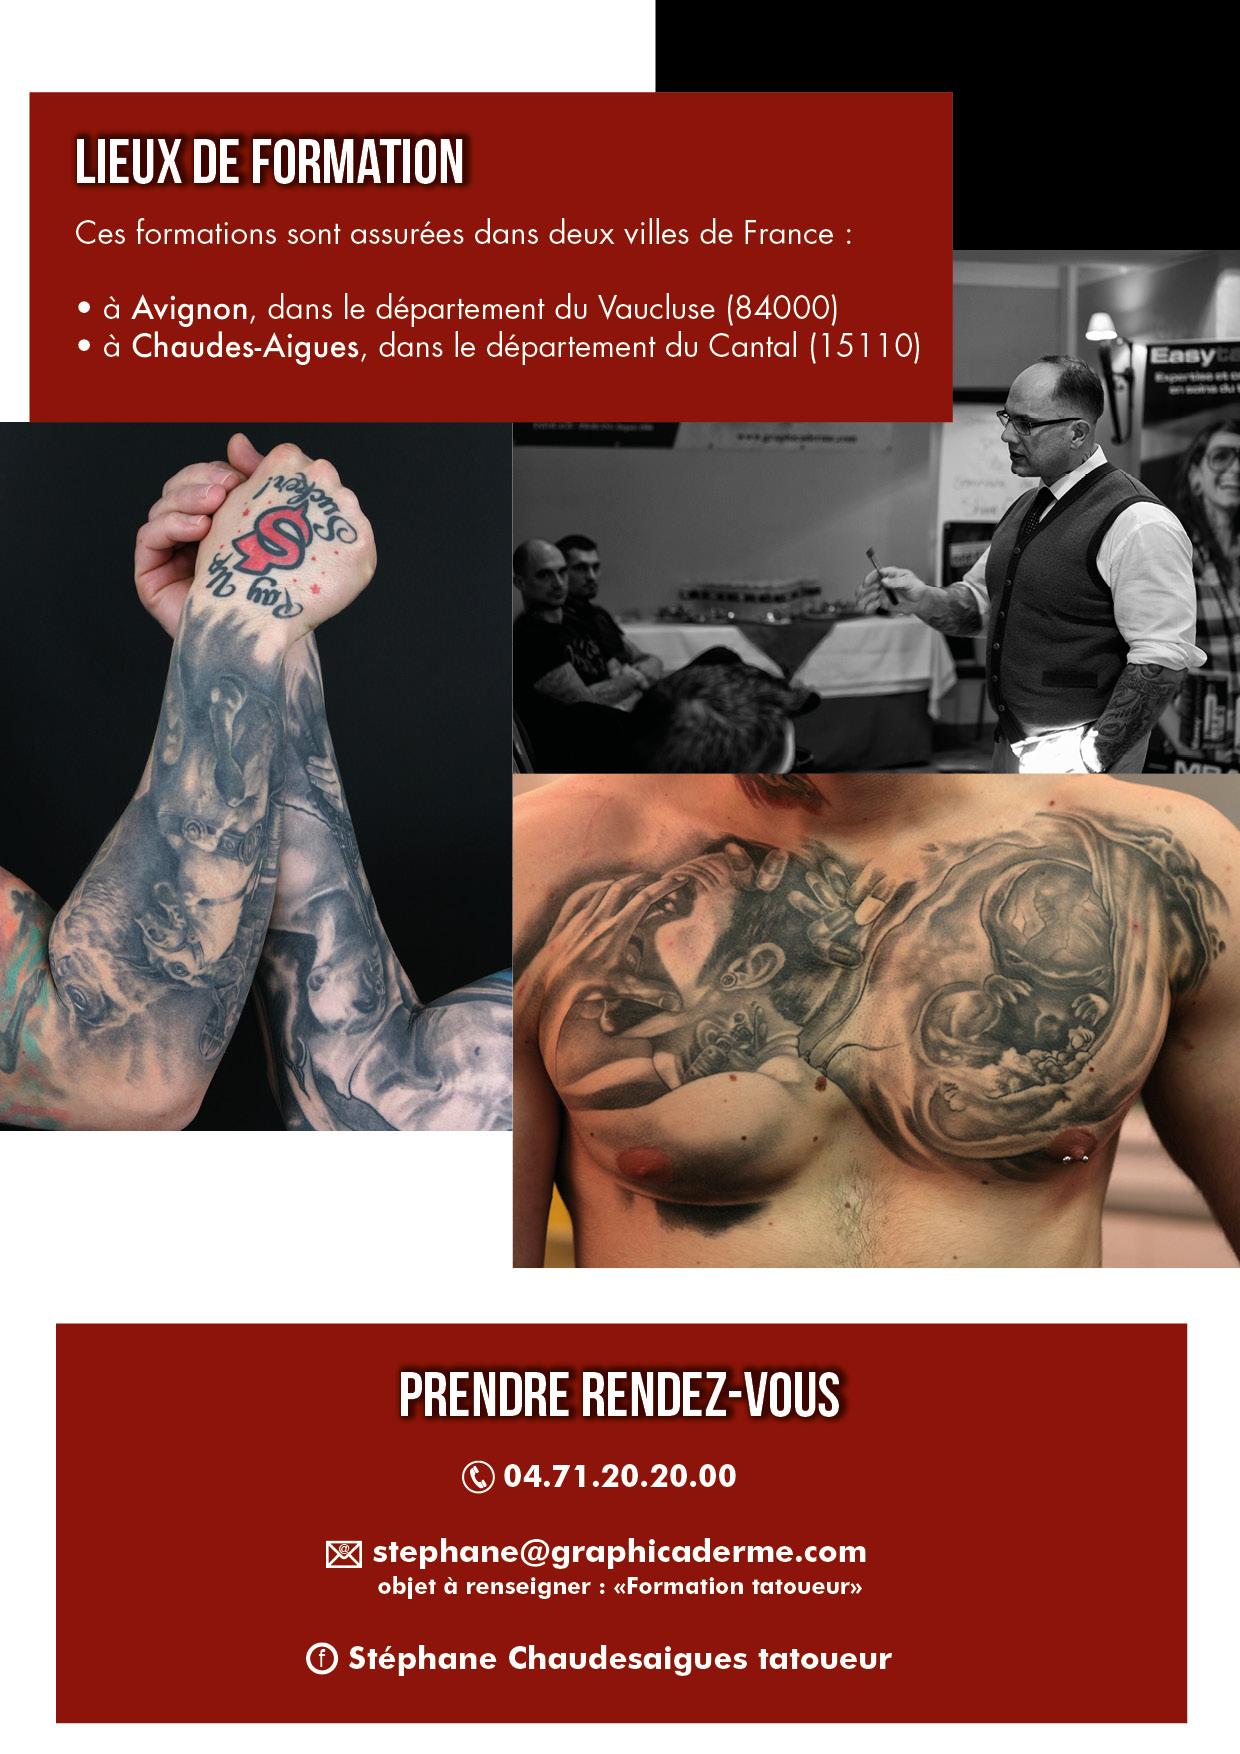 stephane-chaudesaigues-tatoueur-formation-tatouage-realiste-livret